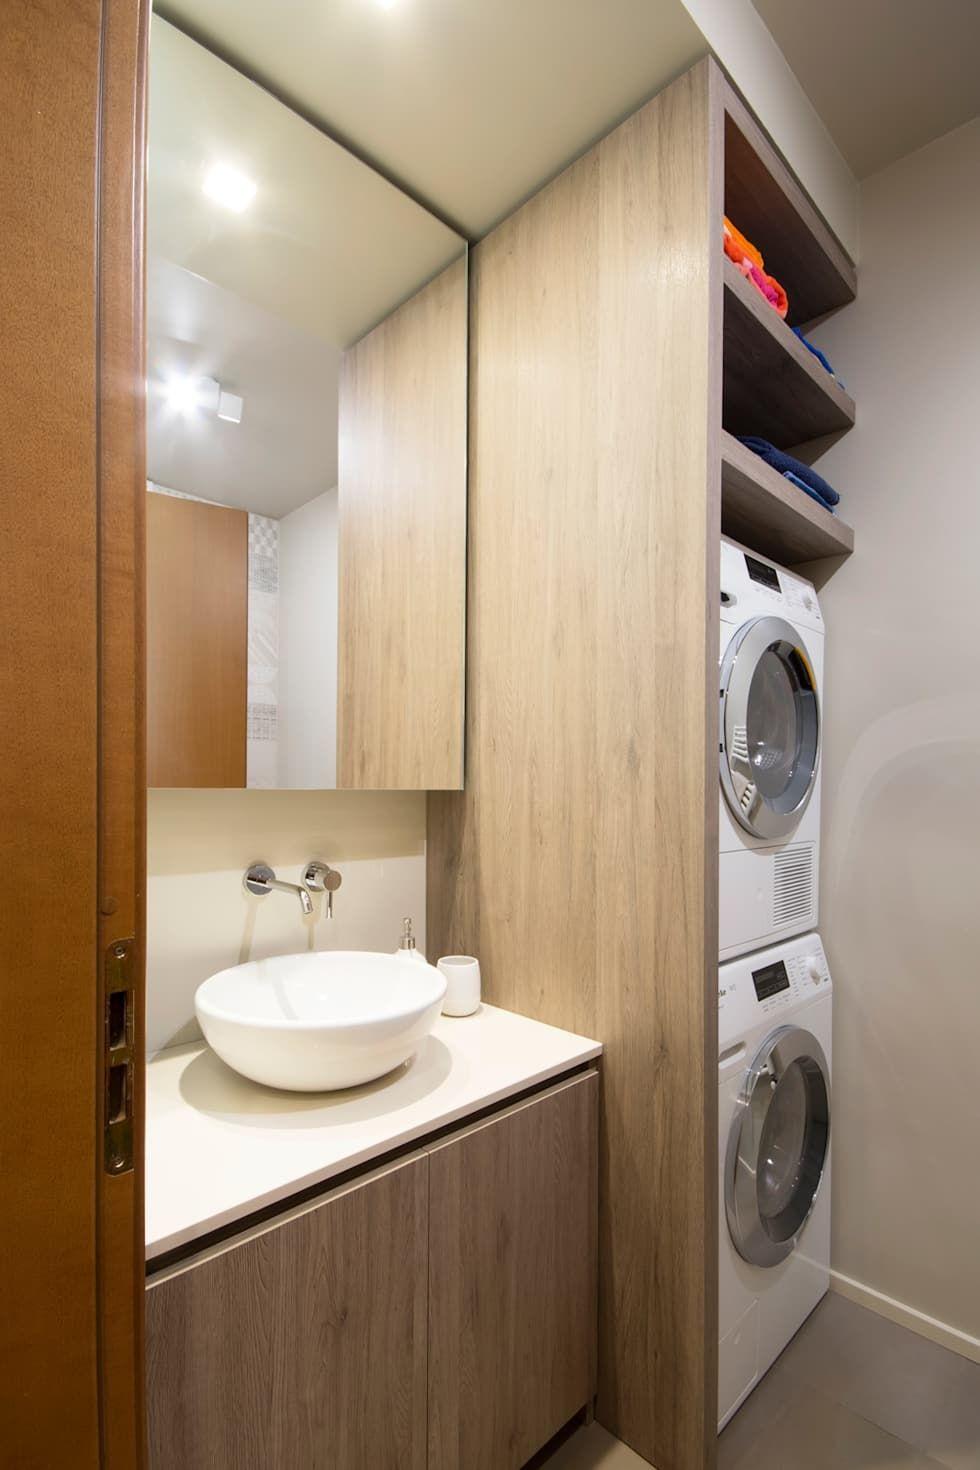 Bagno Moderno Interior Design Idee E Foto L Bagno Arredamento